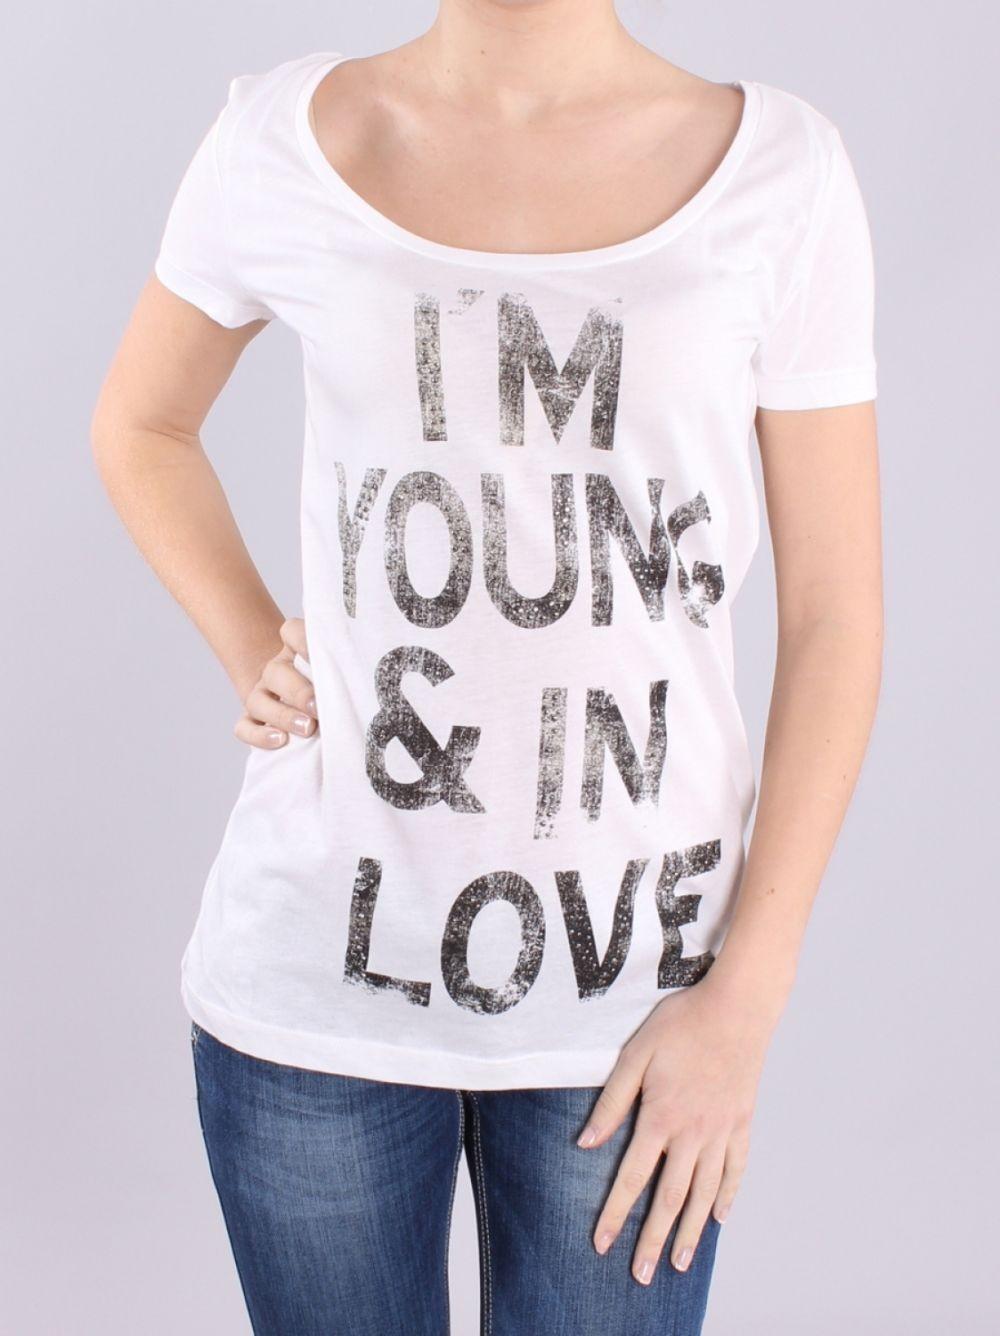 футболки 2019 женские фото: оверсайз белая с надписью